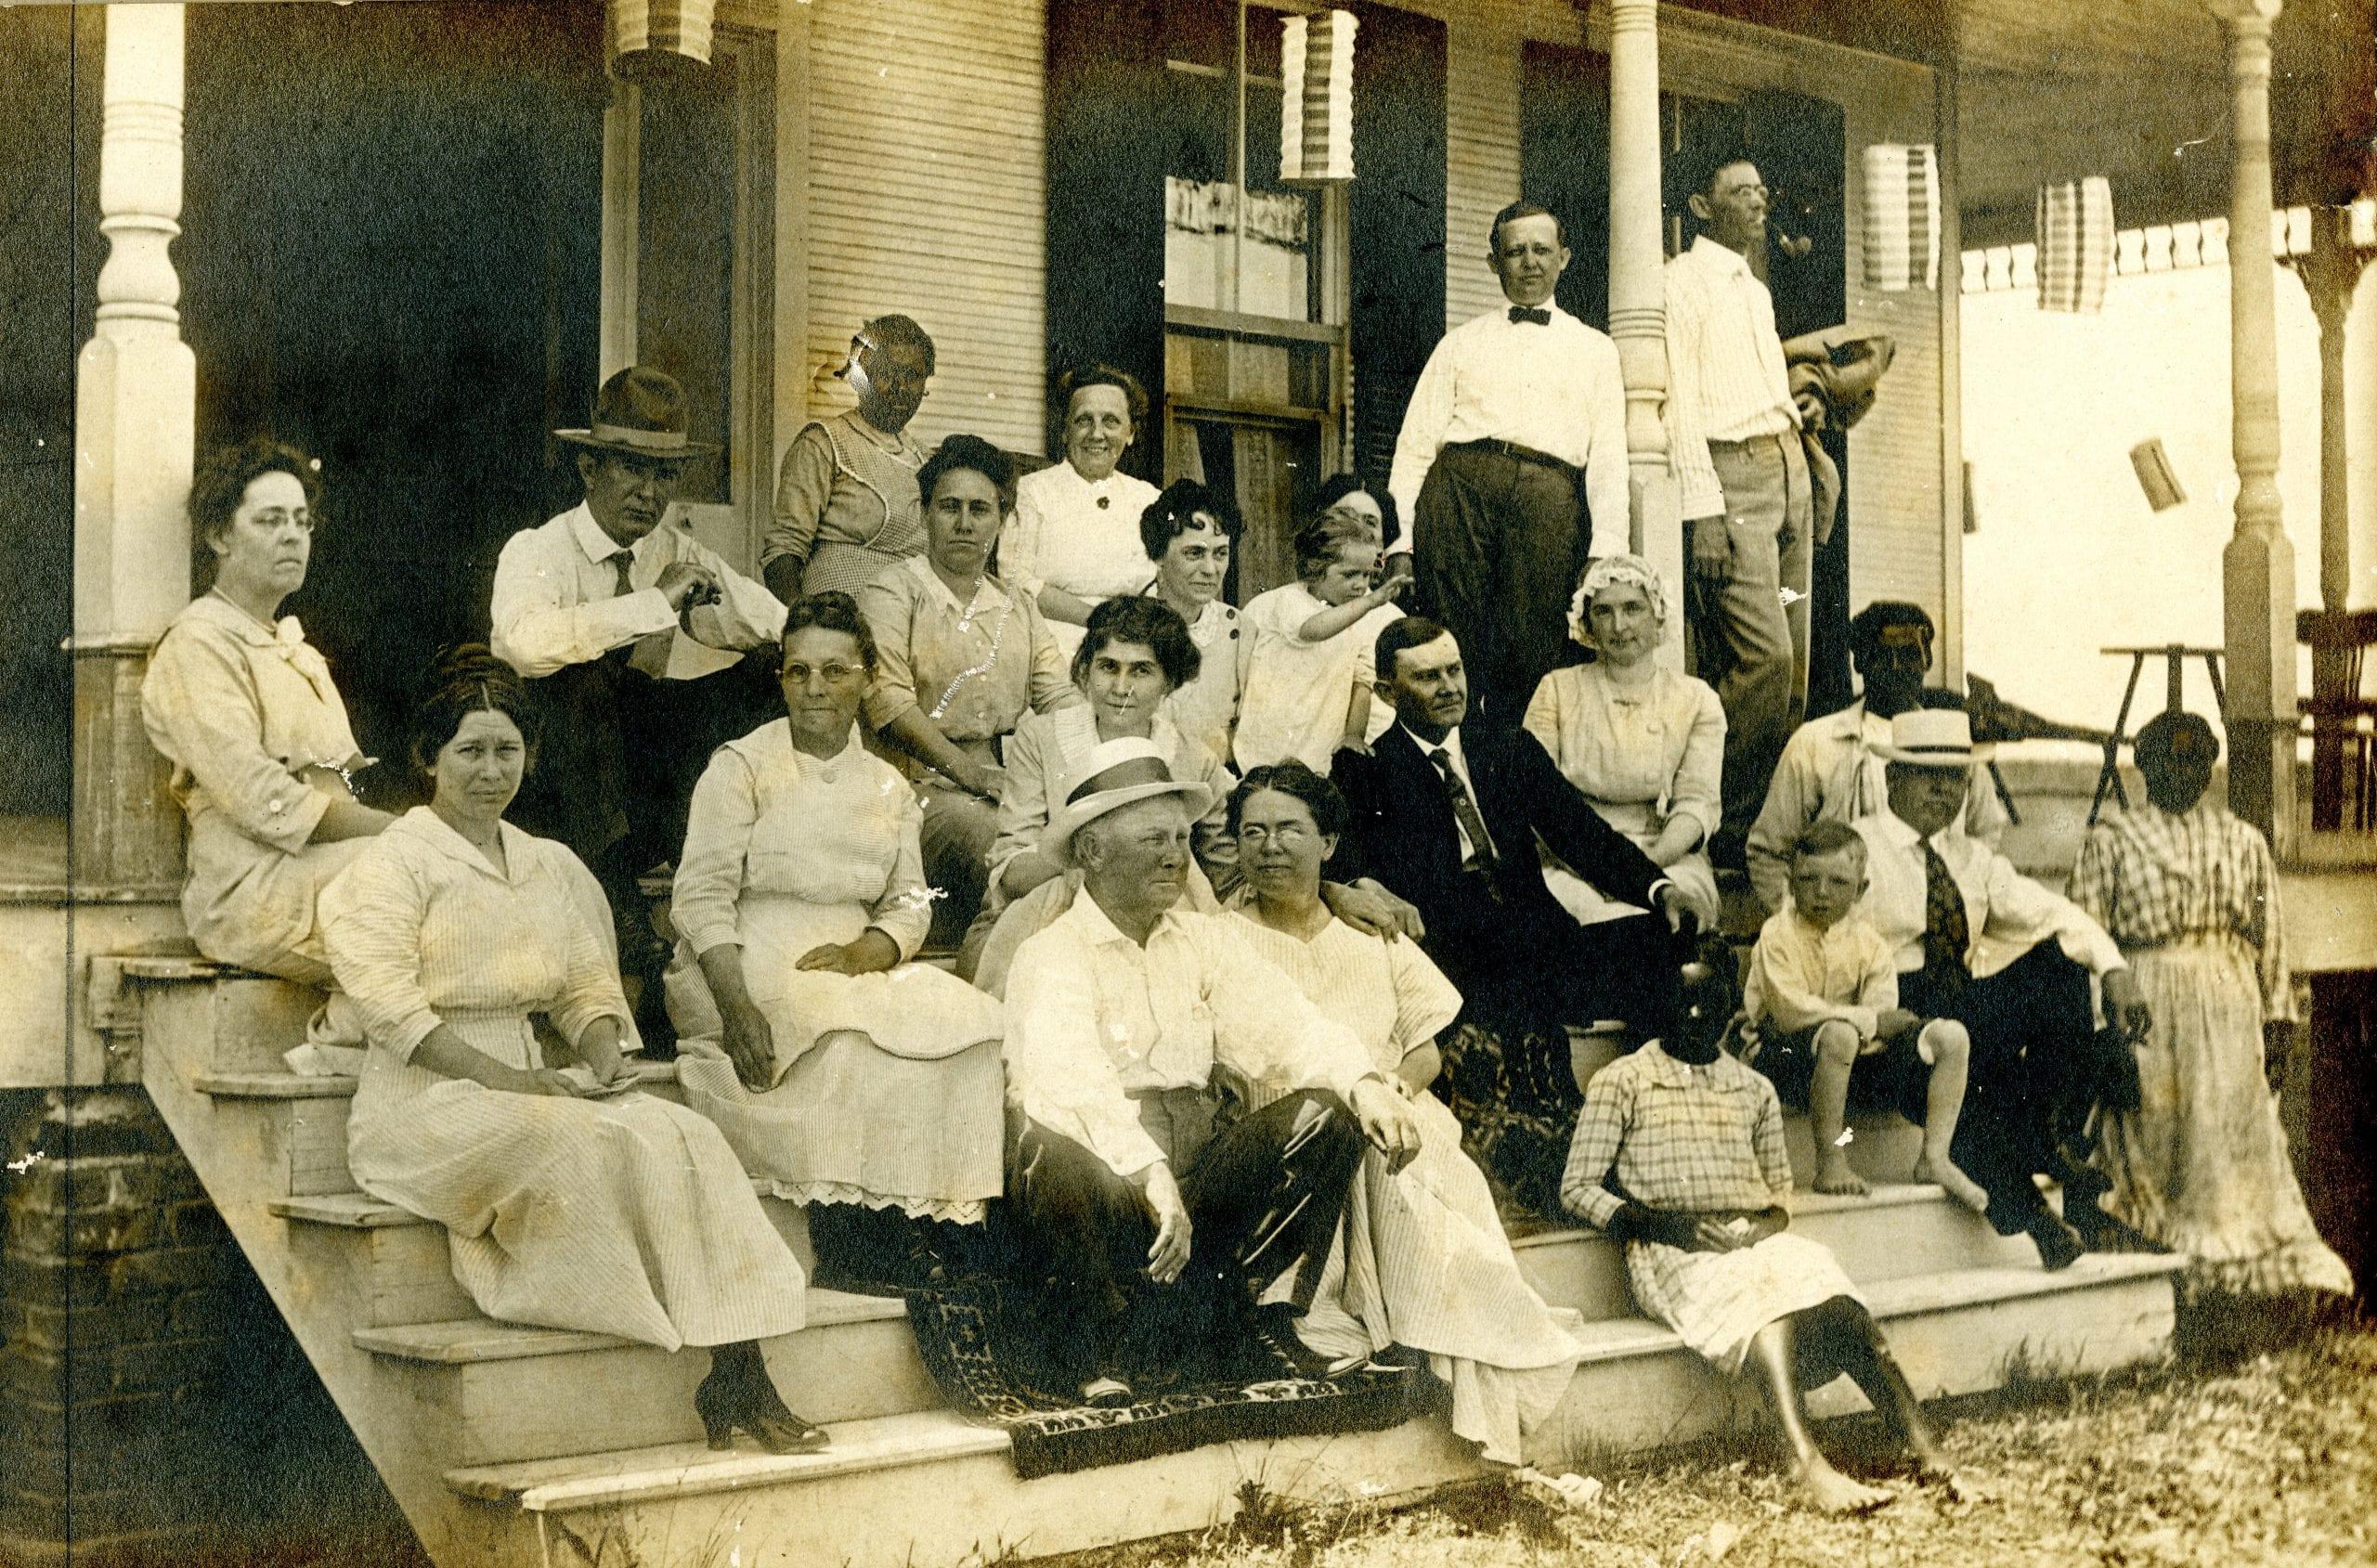 1914 – Louisiana Plantation Party